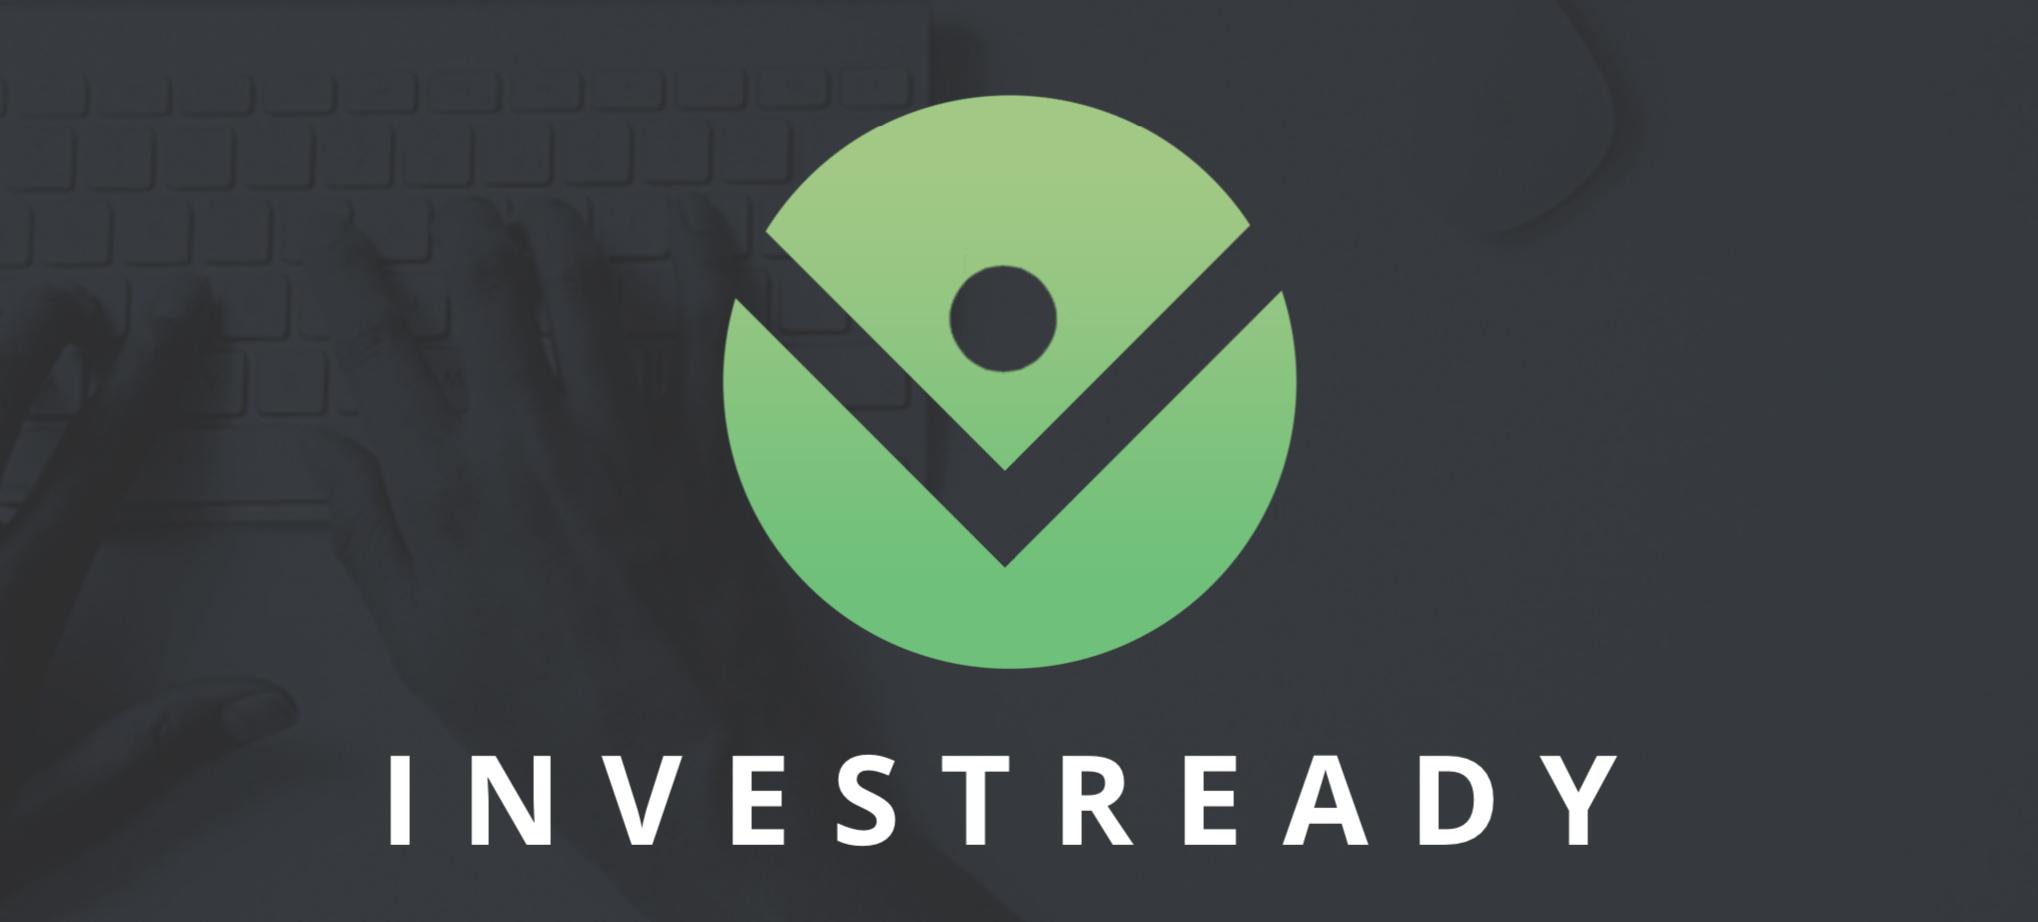 InvestReady company logo